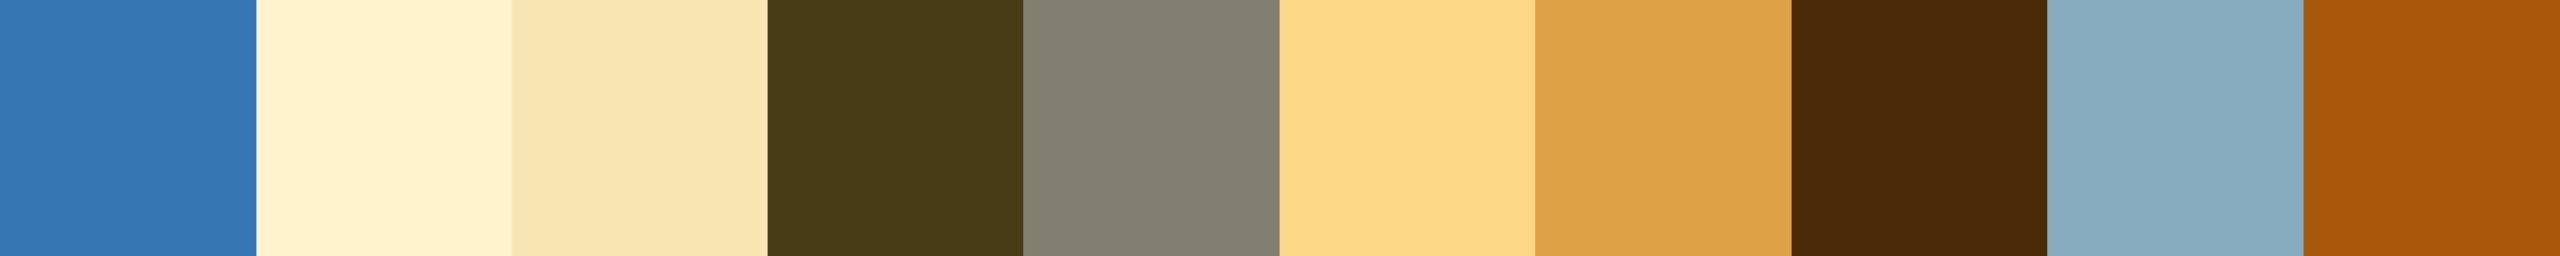 136 Gebethra Color Palette